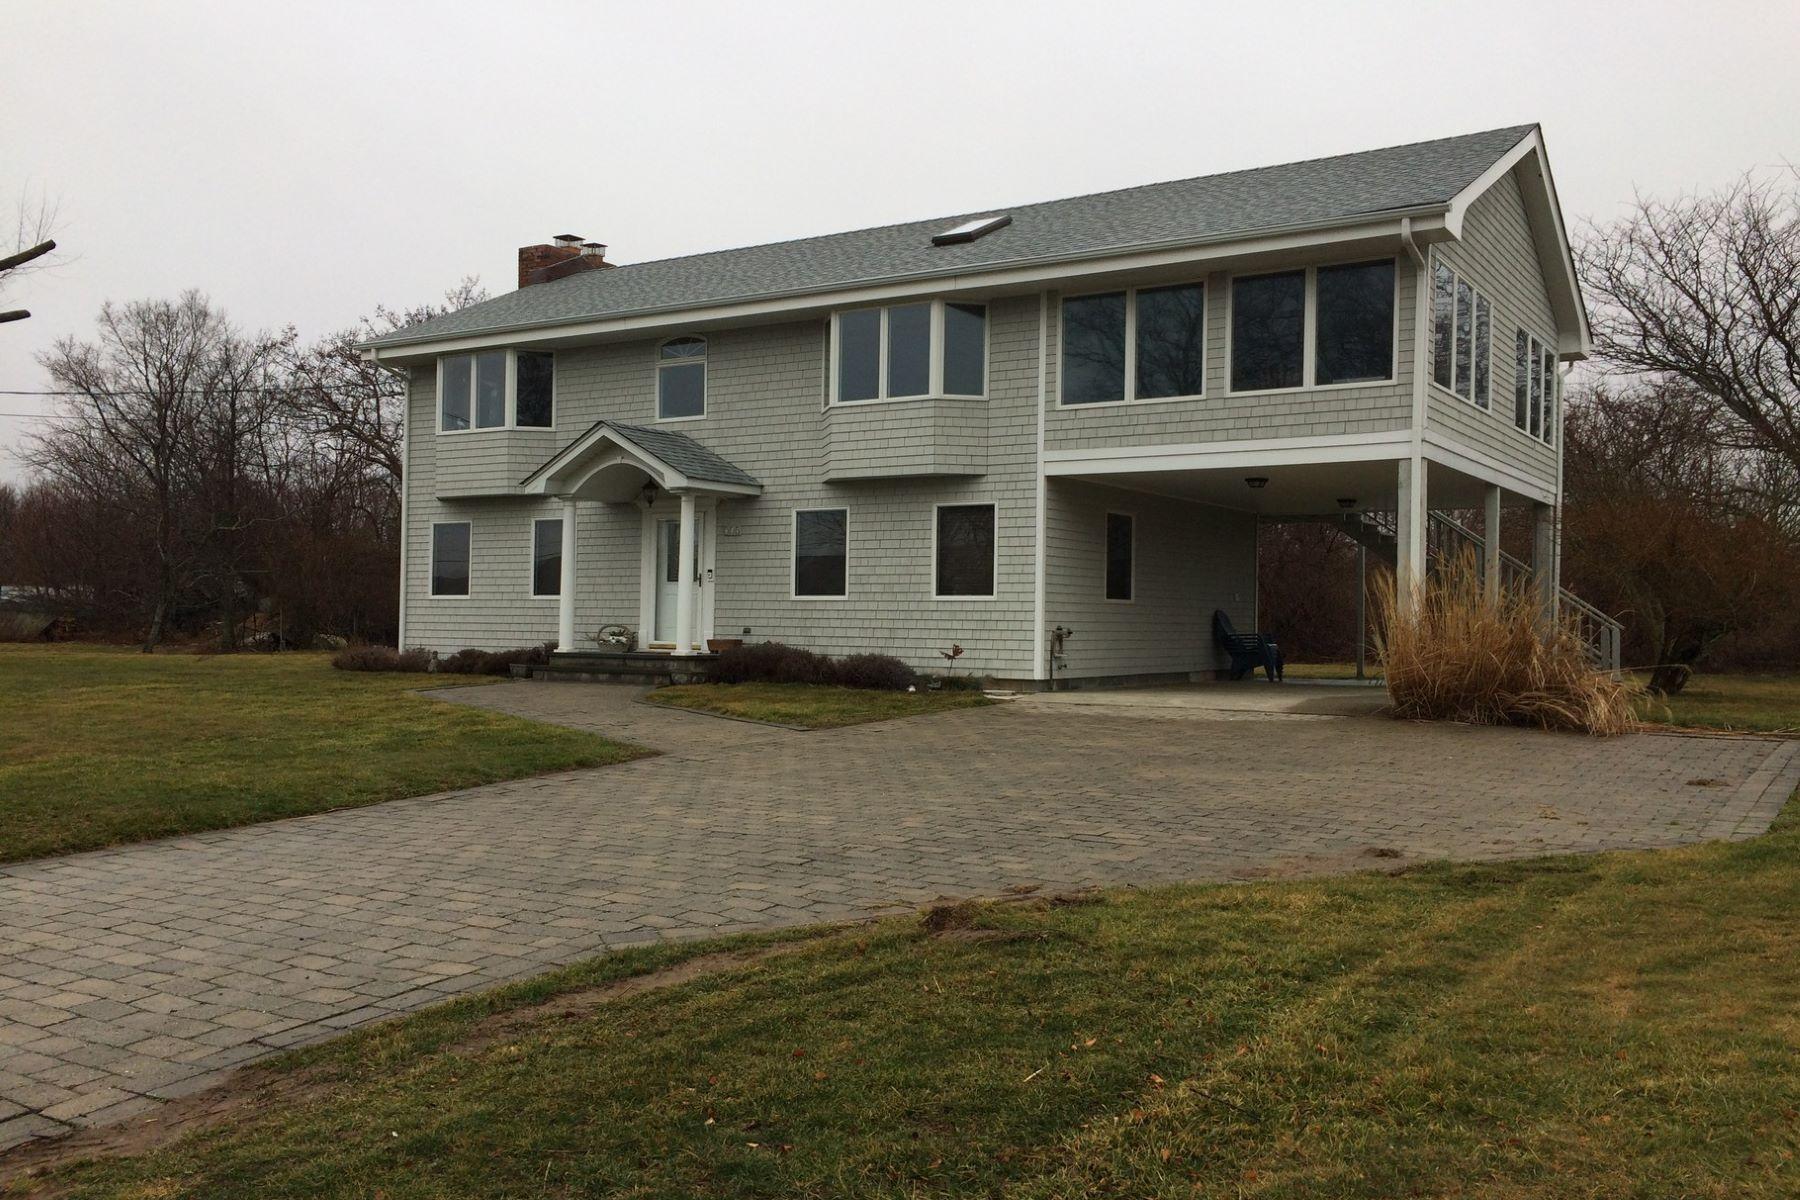 独户住宅 为 出租 在 Hi Ranch 715 Willow Terrace Ln 奥连特, 纽约州, 11957 美国